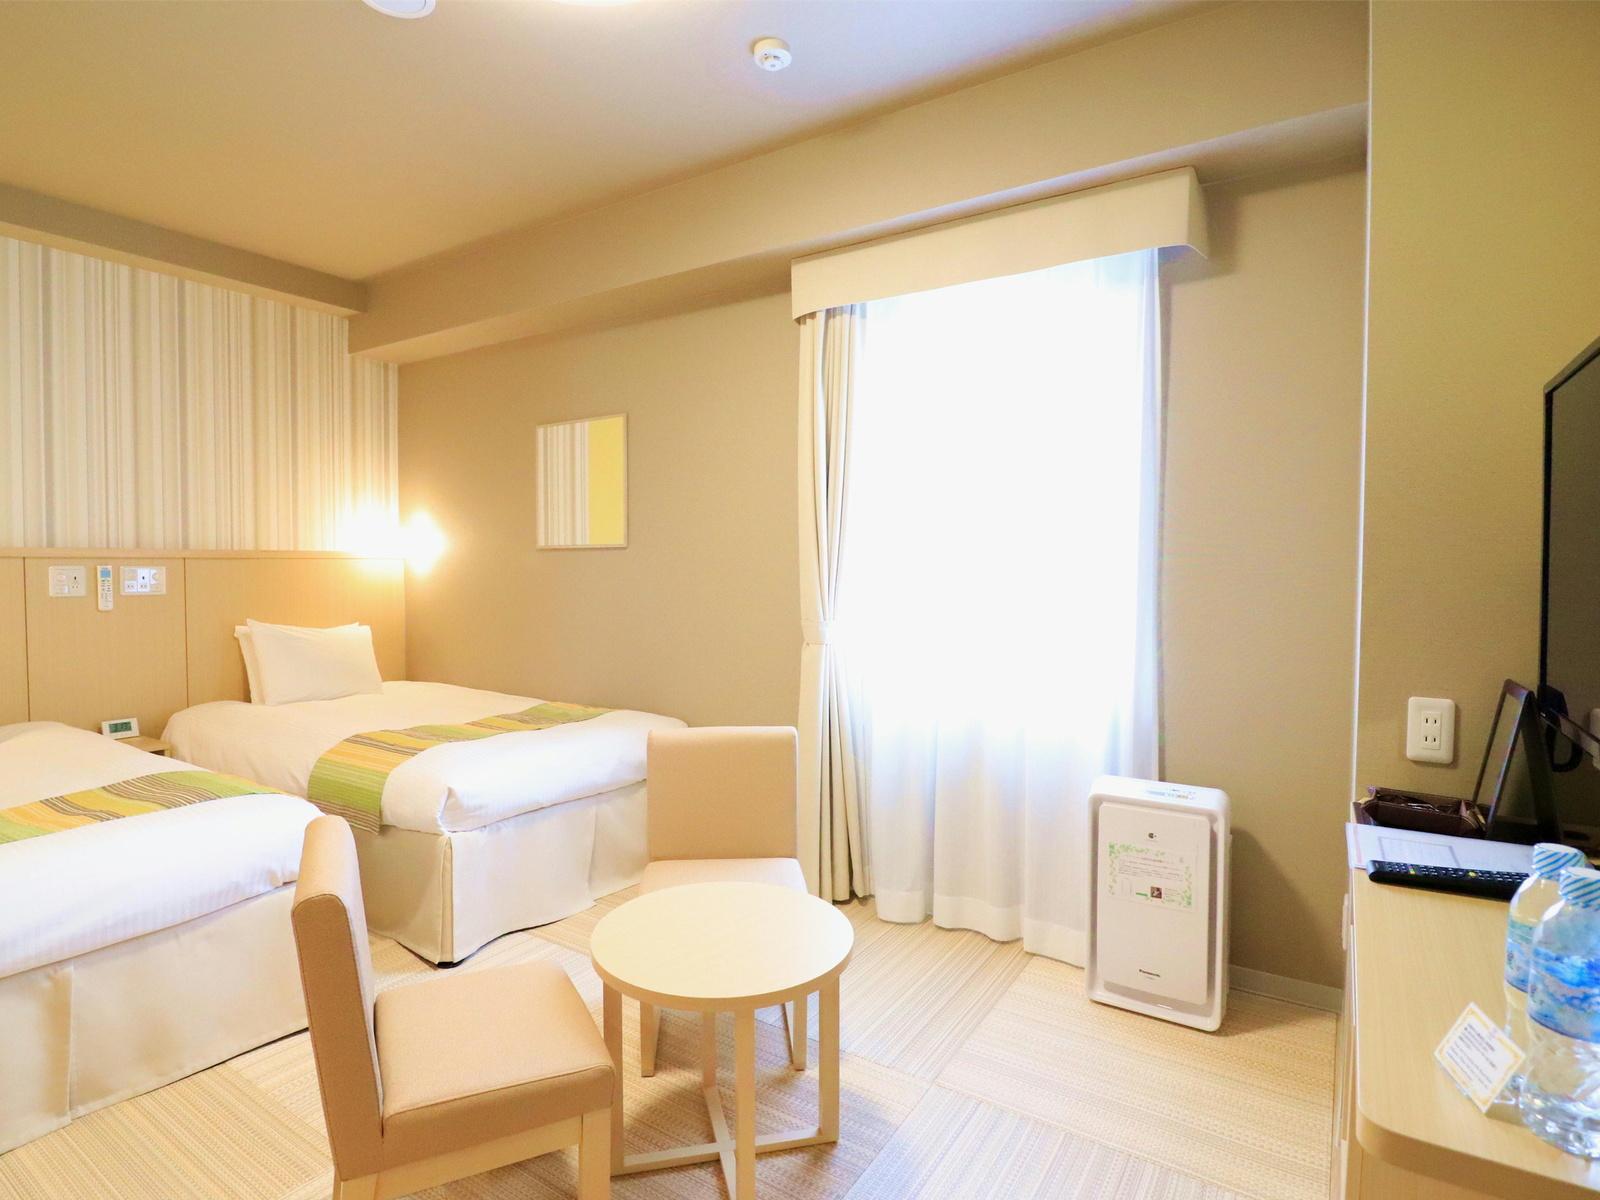 日和ホテル舞浜 / ツインルーム2~3名■禁煙 22平米【お子様も安心♪床材畳使用】